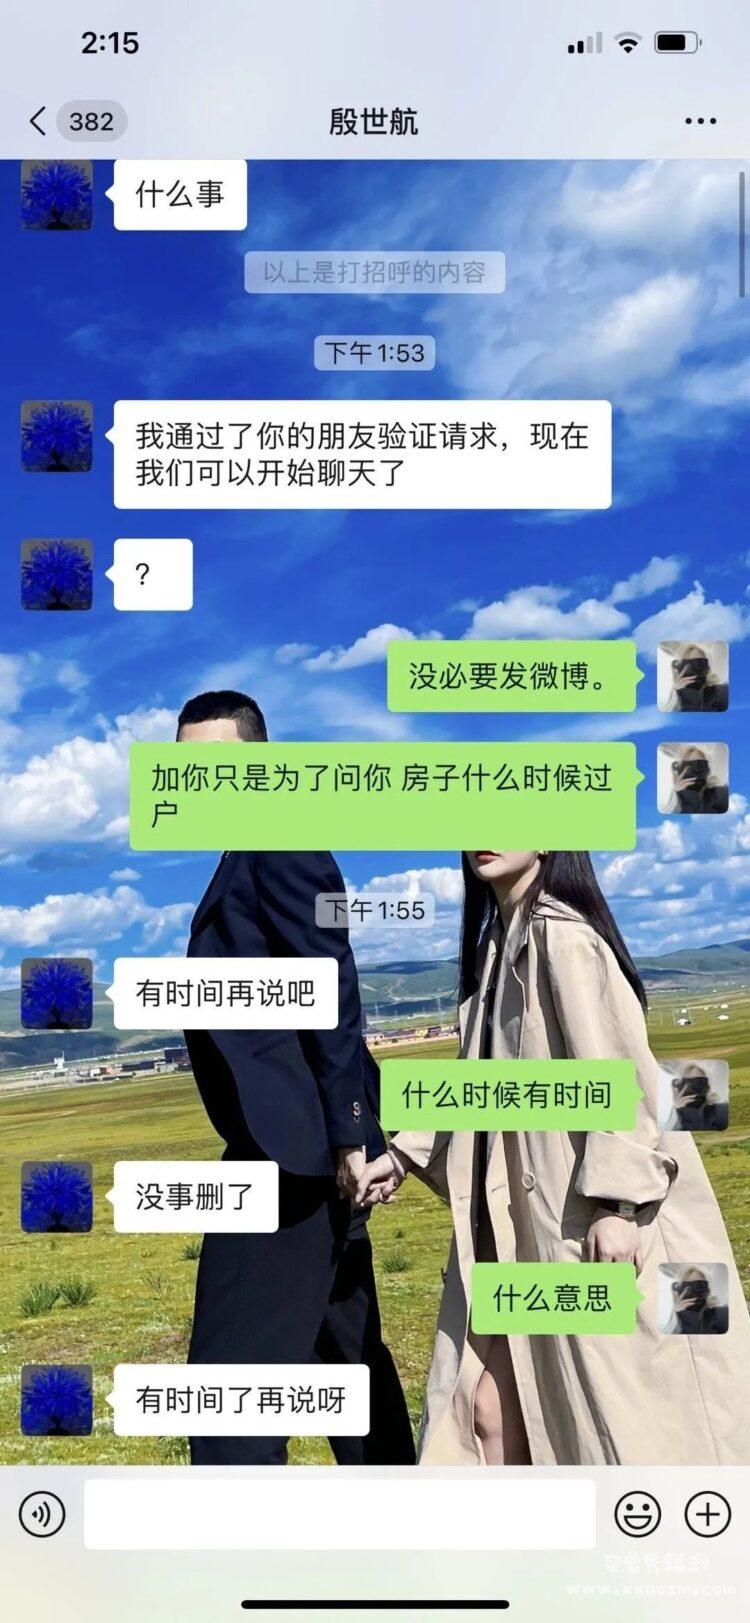 何婧婧控诉殷世航:出轨,PUA,多人运动,家暴?